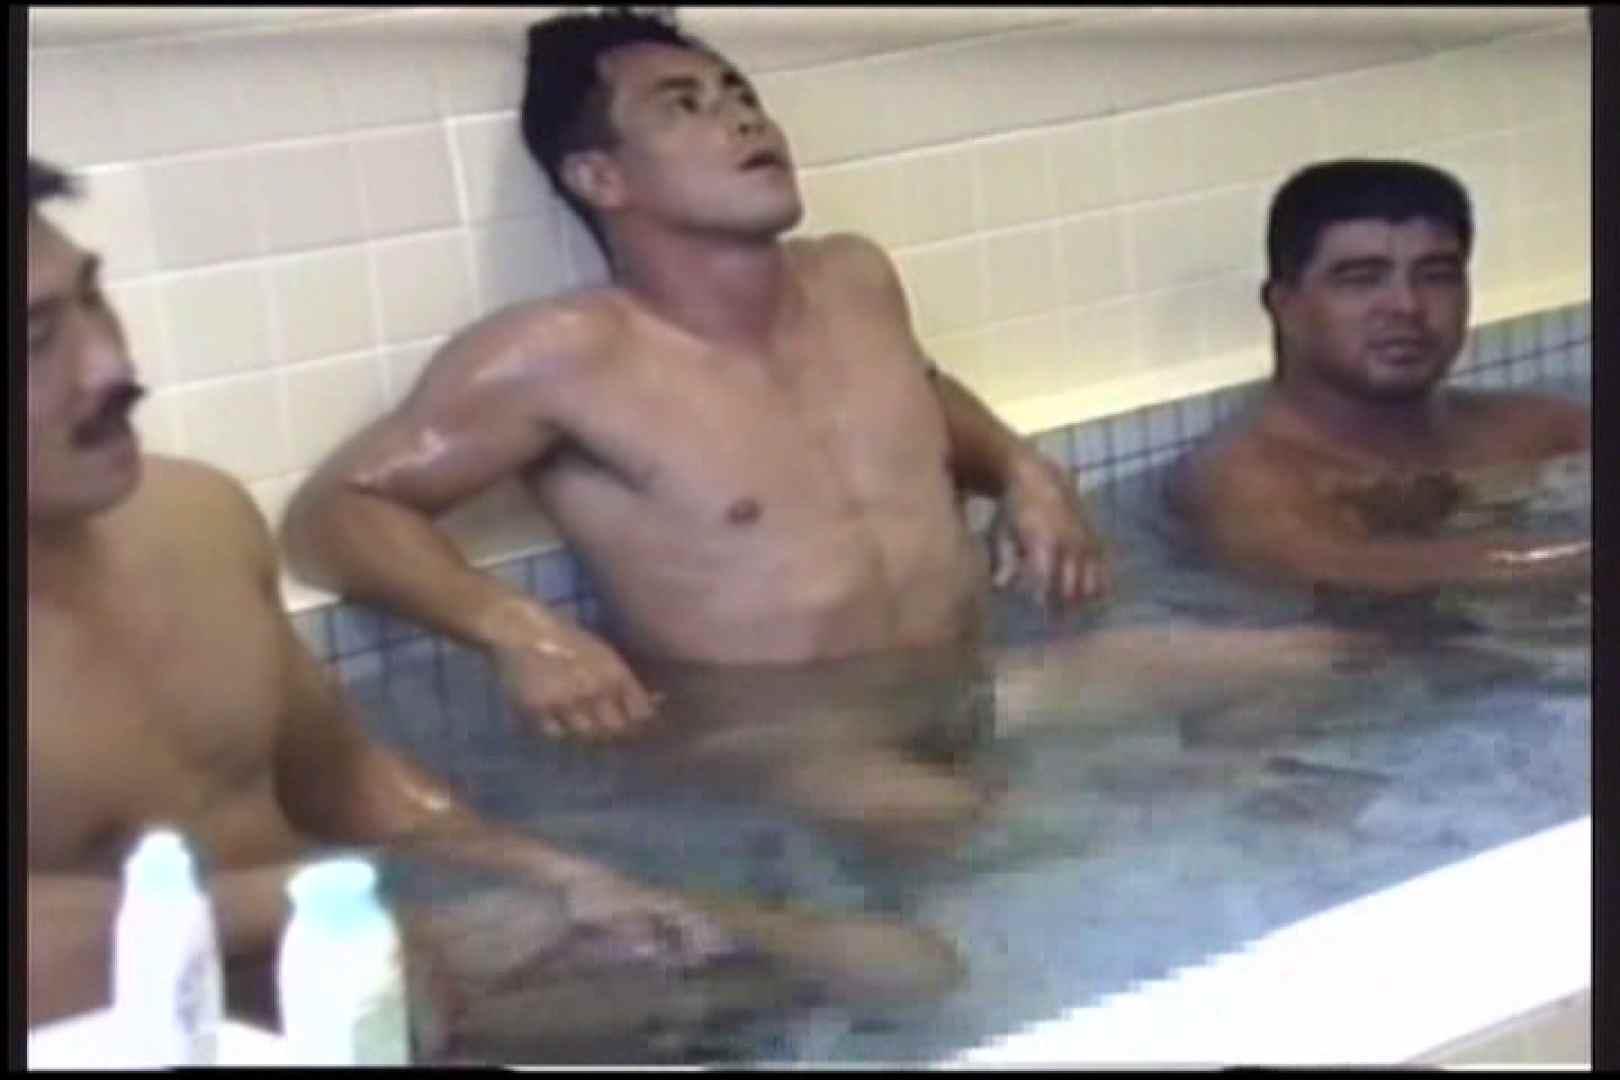 体育会系男子の銭湯合宿を覗いてみようvol.02 裸 ゲイアダルト画像 69連発 54